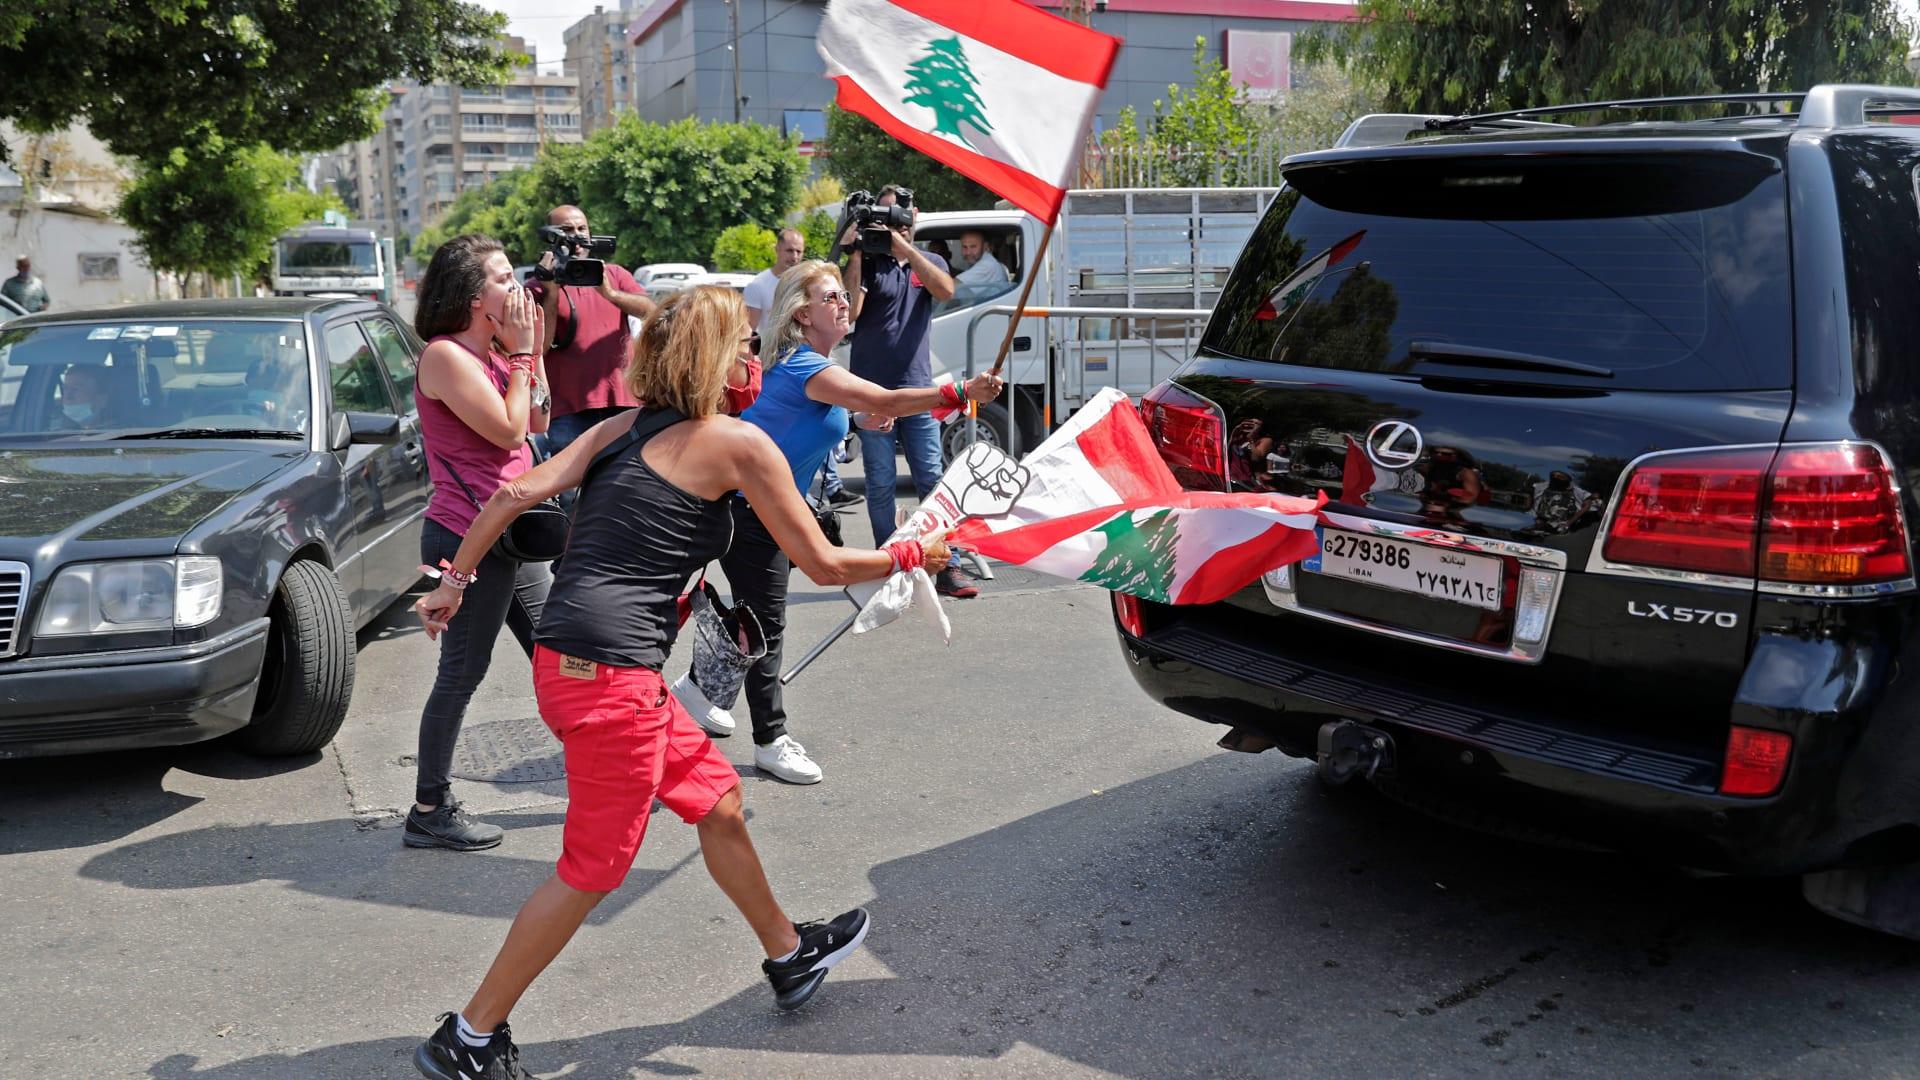 البرلمان اللبناني يقر الطوارئ واستقالة 8 نواب.. وبري: كانت هناك مؤامرة